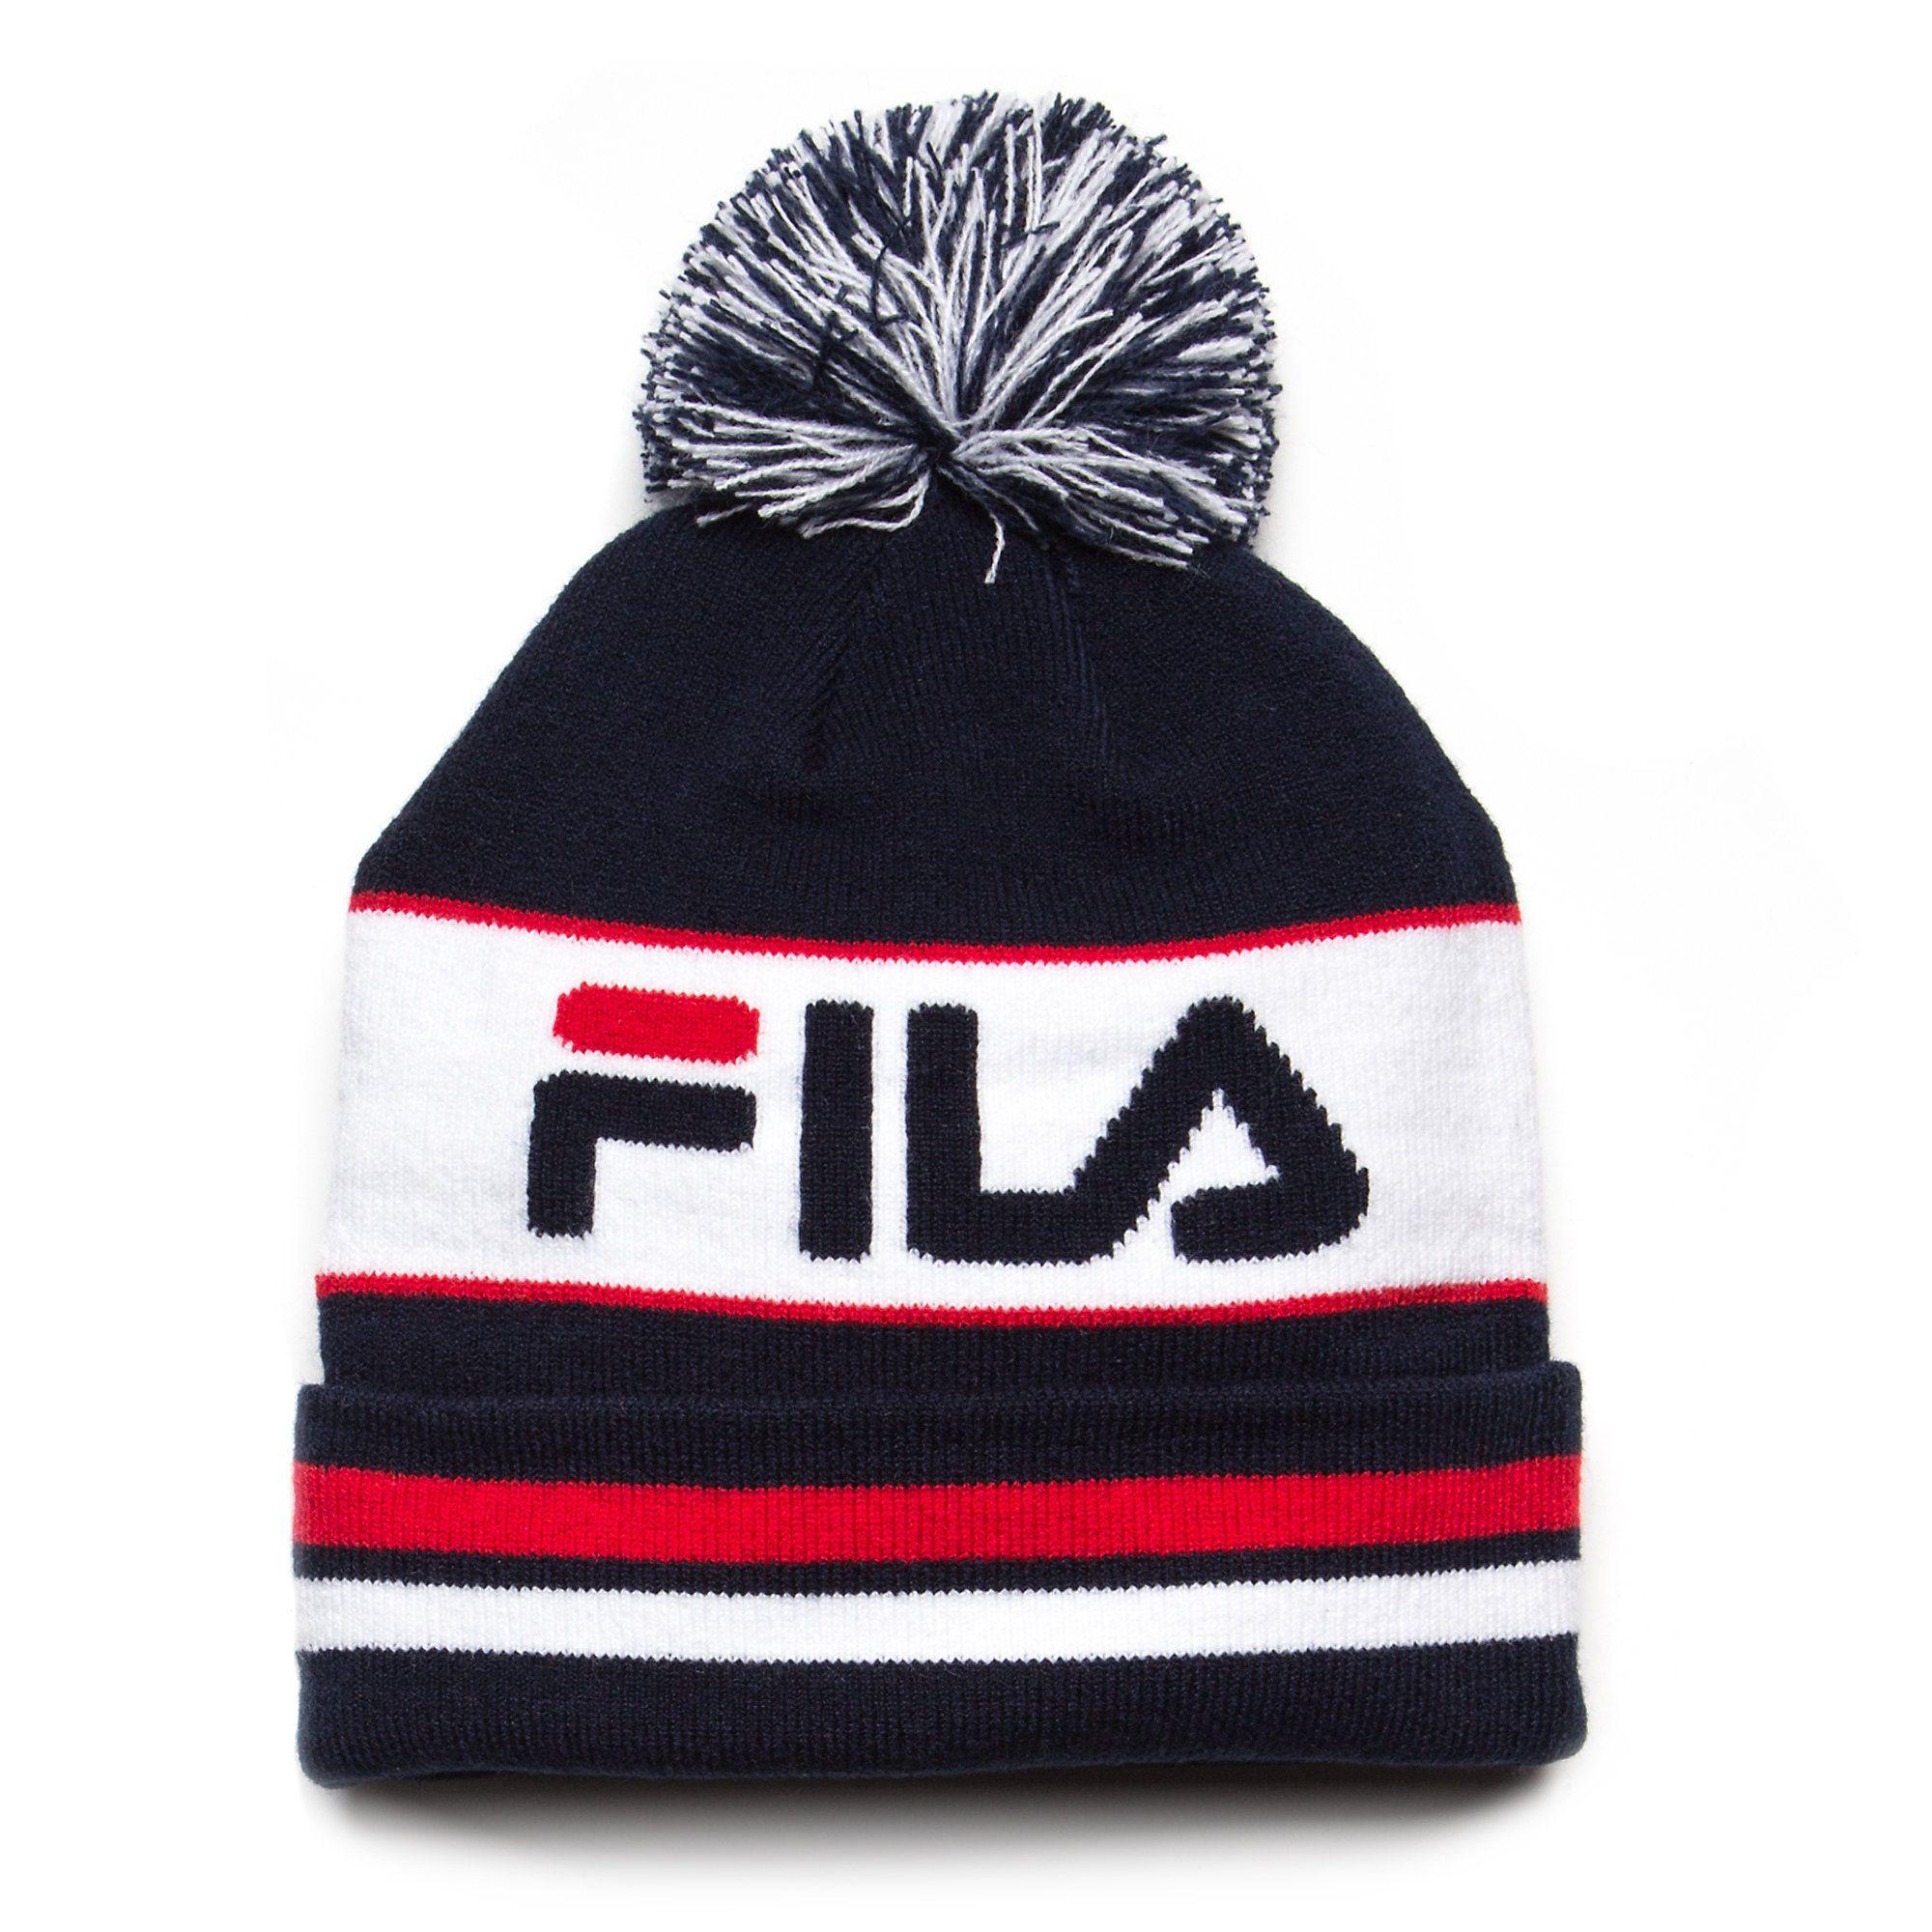 fila winter hat Sale 8a4ee6f4889